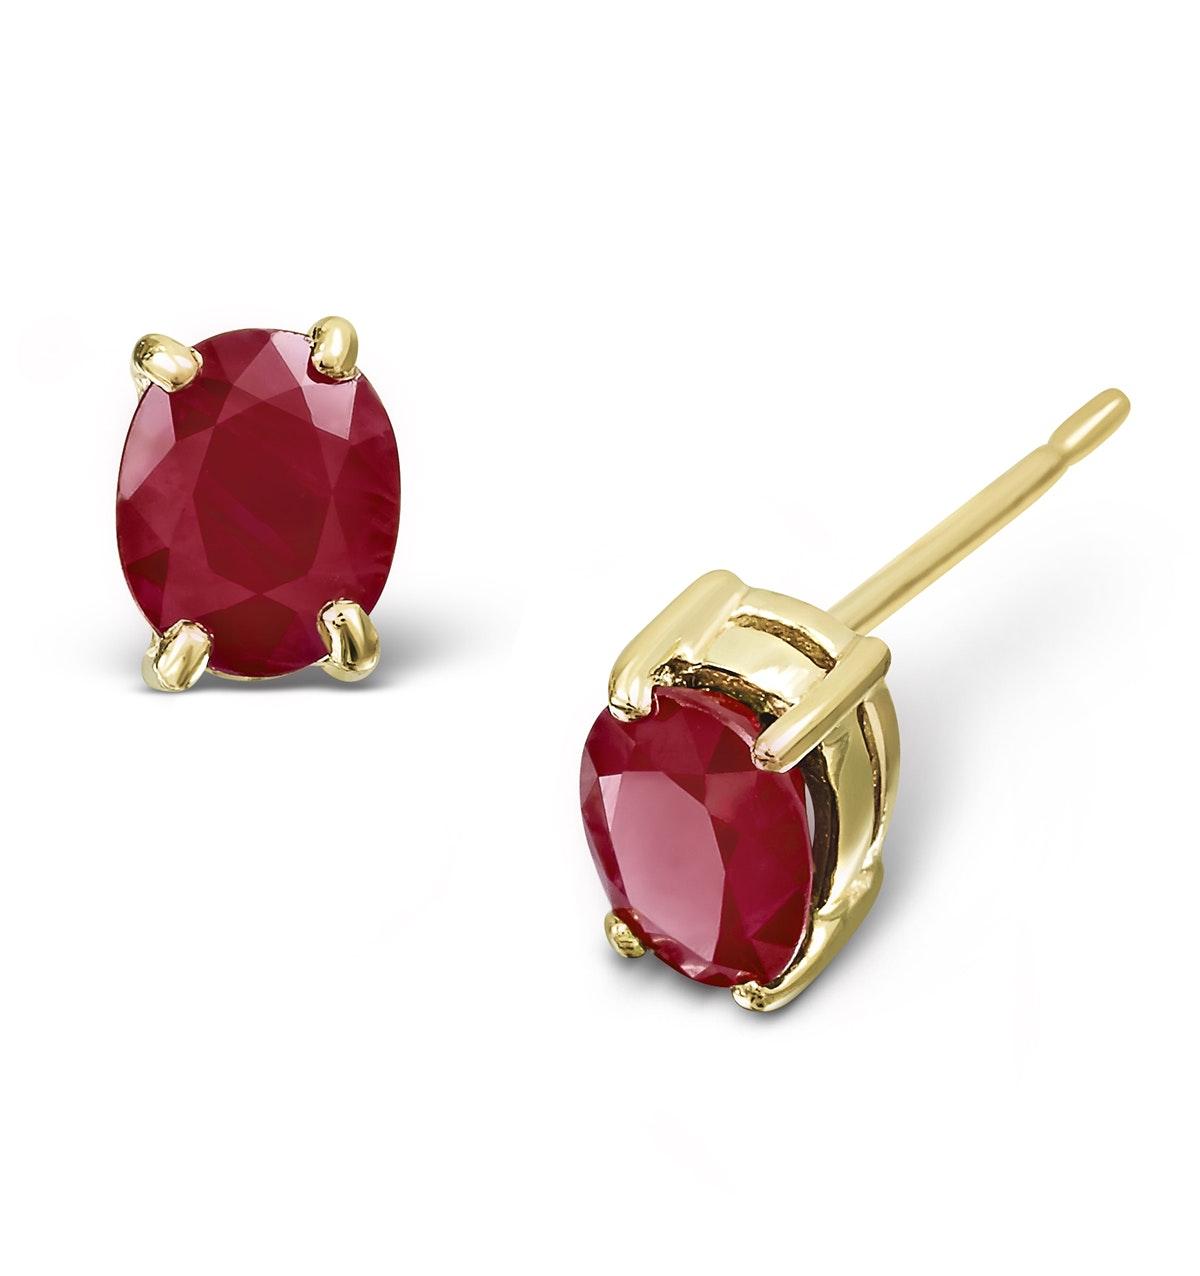 Ruby 5 x 4mm 18K Yellow Gold Earrings